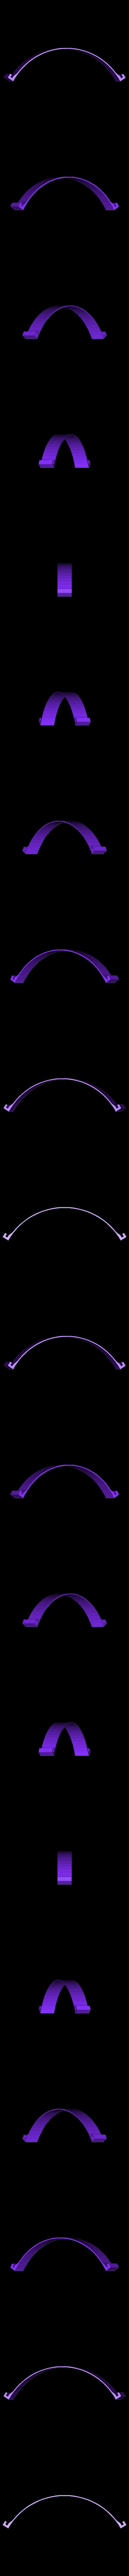 SUJECION_MASCARILLA_SIMPLE_AGARRE_130MM.stl Télécharger fichier STL gratuit Porte-masque simple et double courbe + Boucle d'oreille (pour sauver les oreilles) • Objet pour imprimante 3D, celtarra12